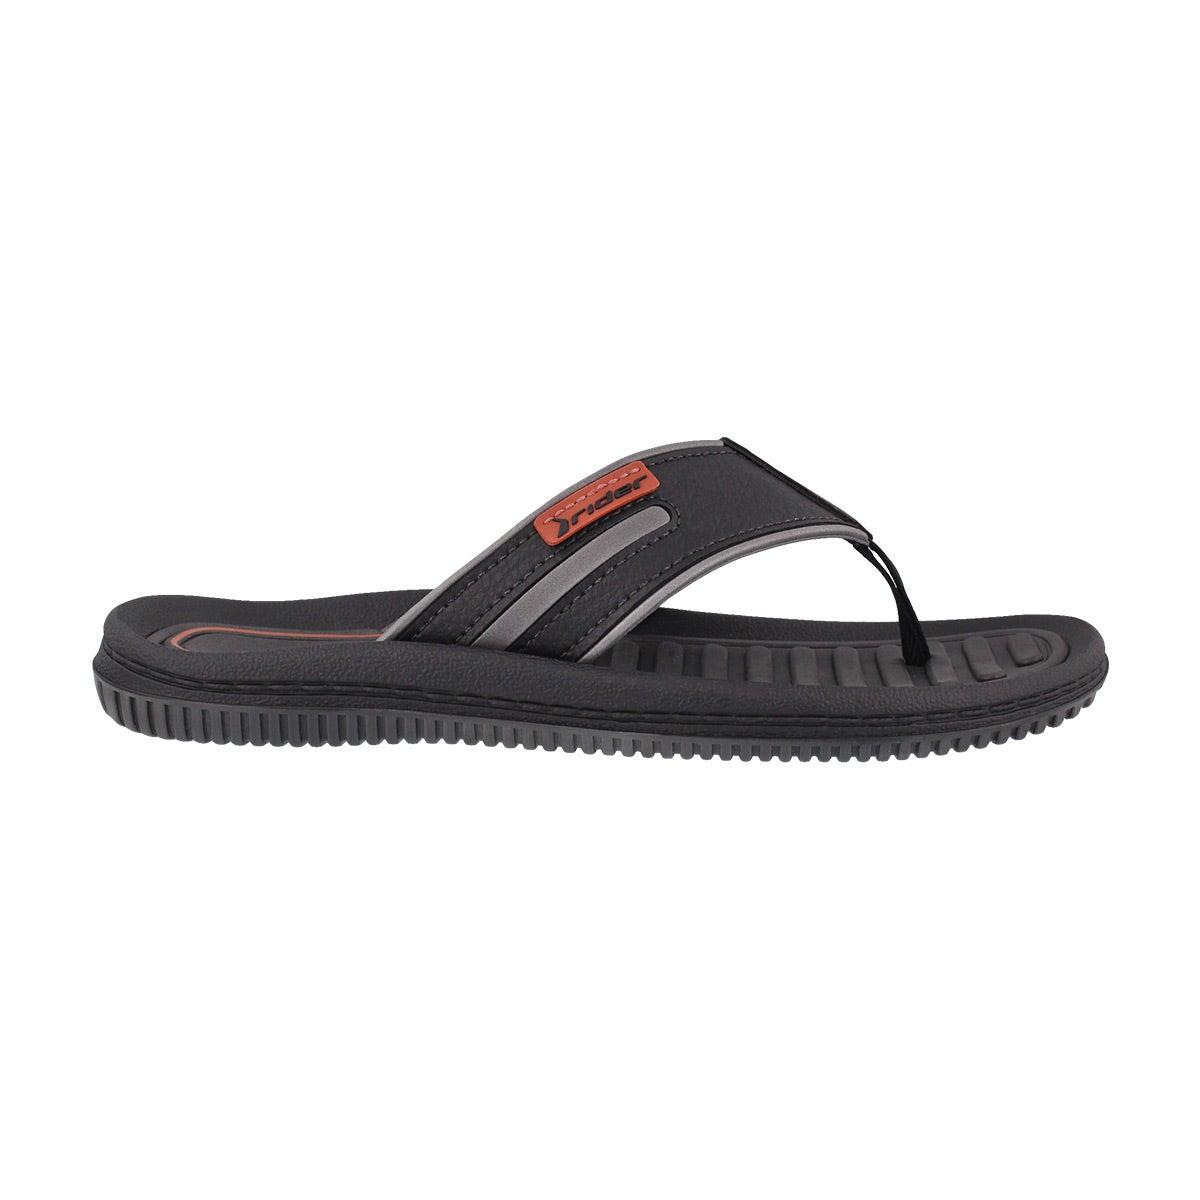 Mns Dunas XV gry/blk thong sandal